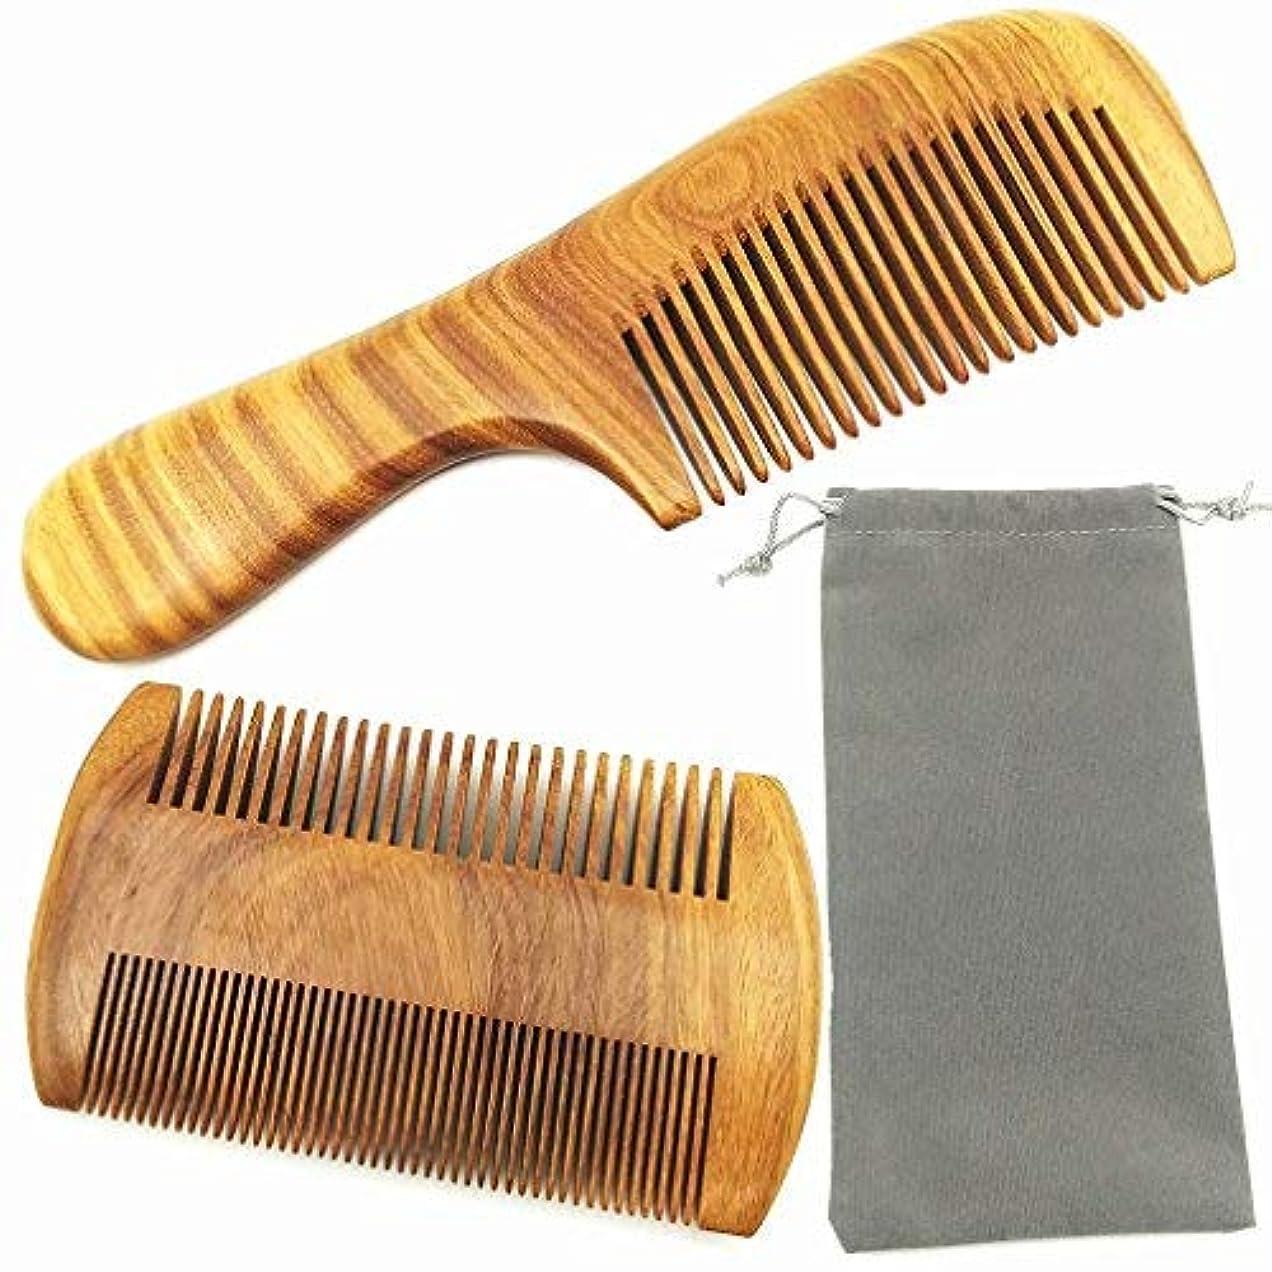 ストレンジャー対駐地Hair Combs ? Handmade Natural Aroma Green Sandalwood Wooden Comb Set - No Static Fine Sides & Wide Tooth Hair...